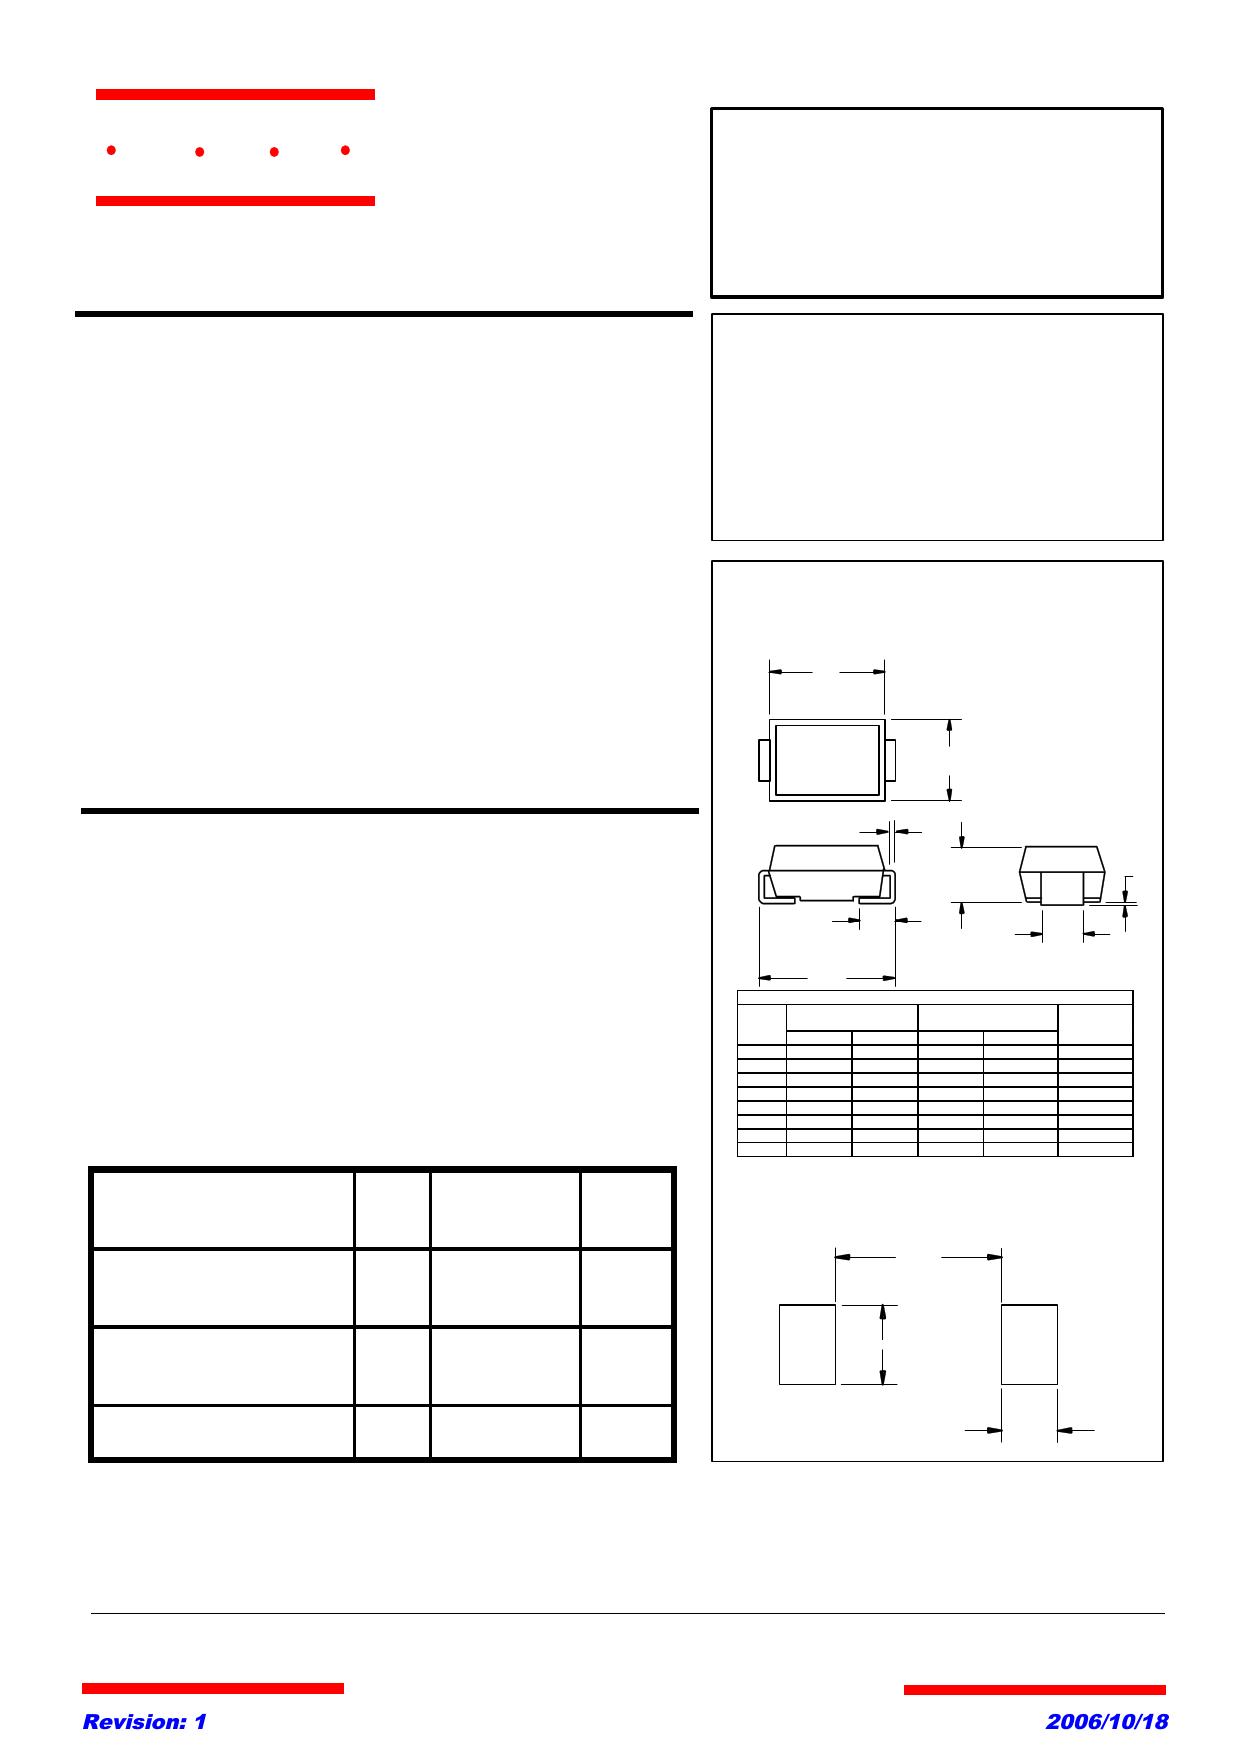 5.0SMLJ15A Hoja de datos, Descripción, Manual